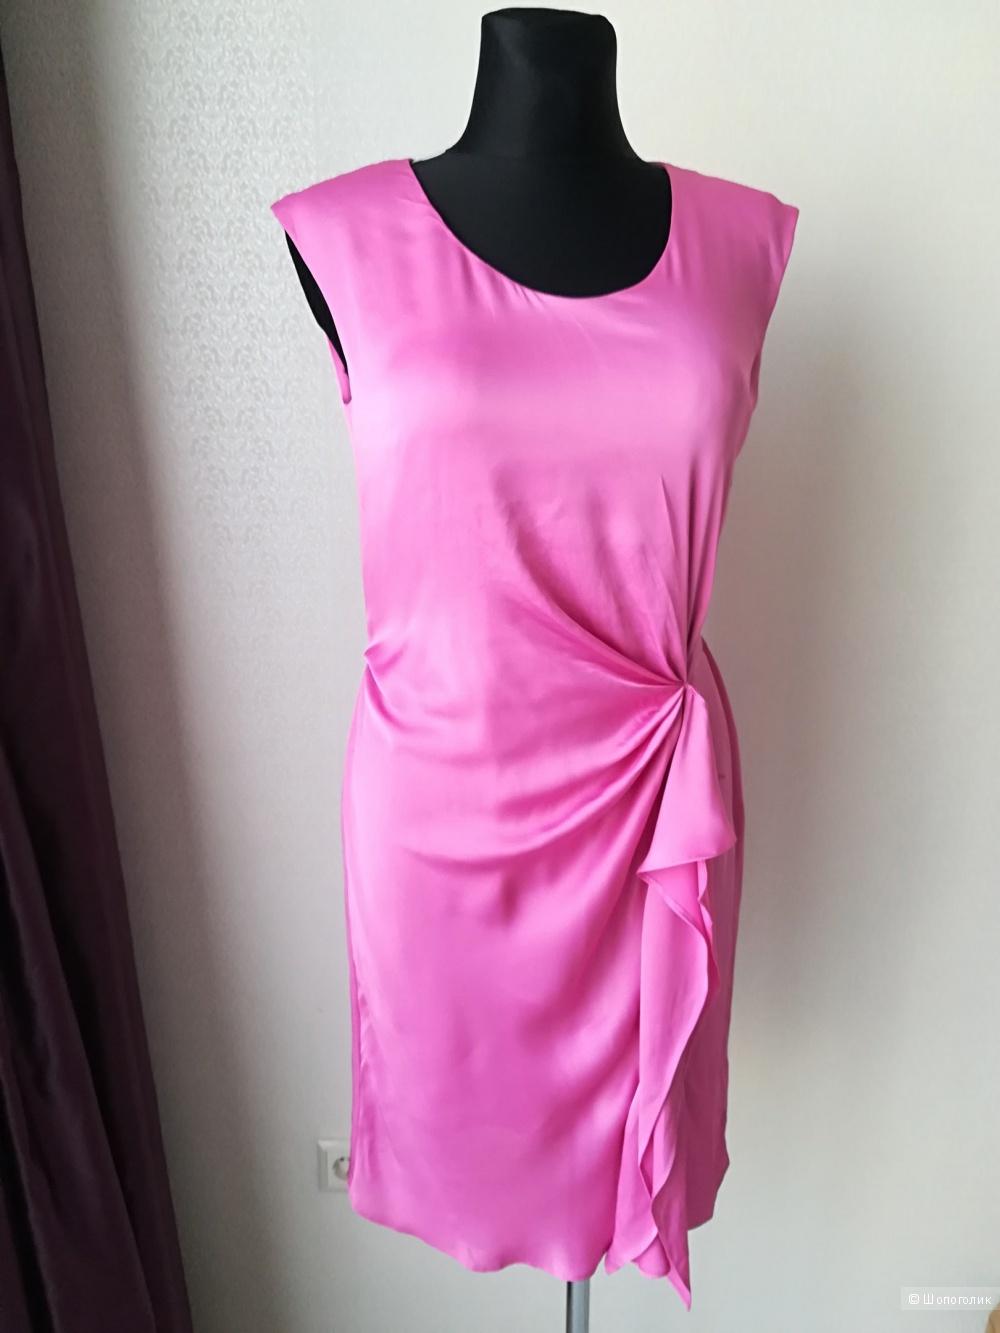 Платье Gerard darel, размер 44-46